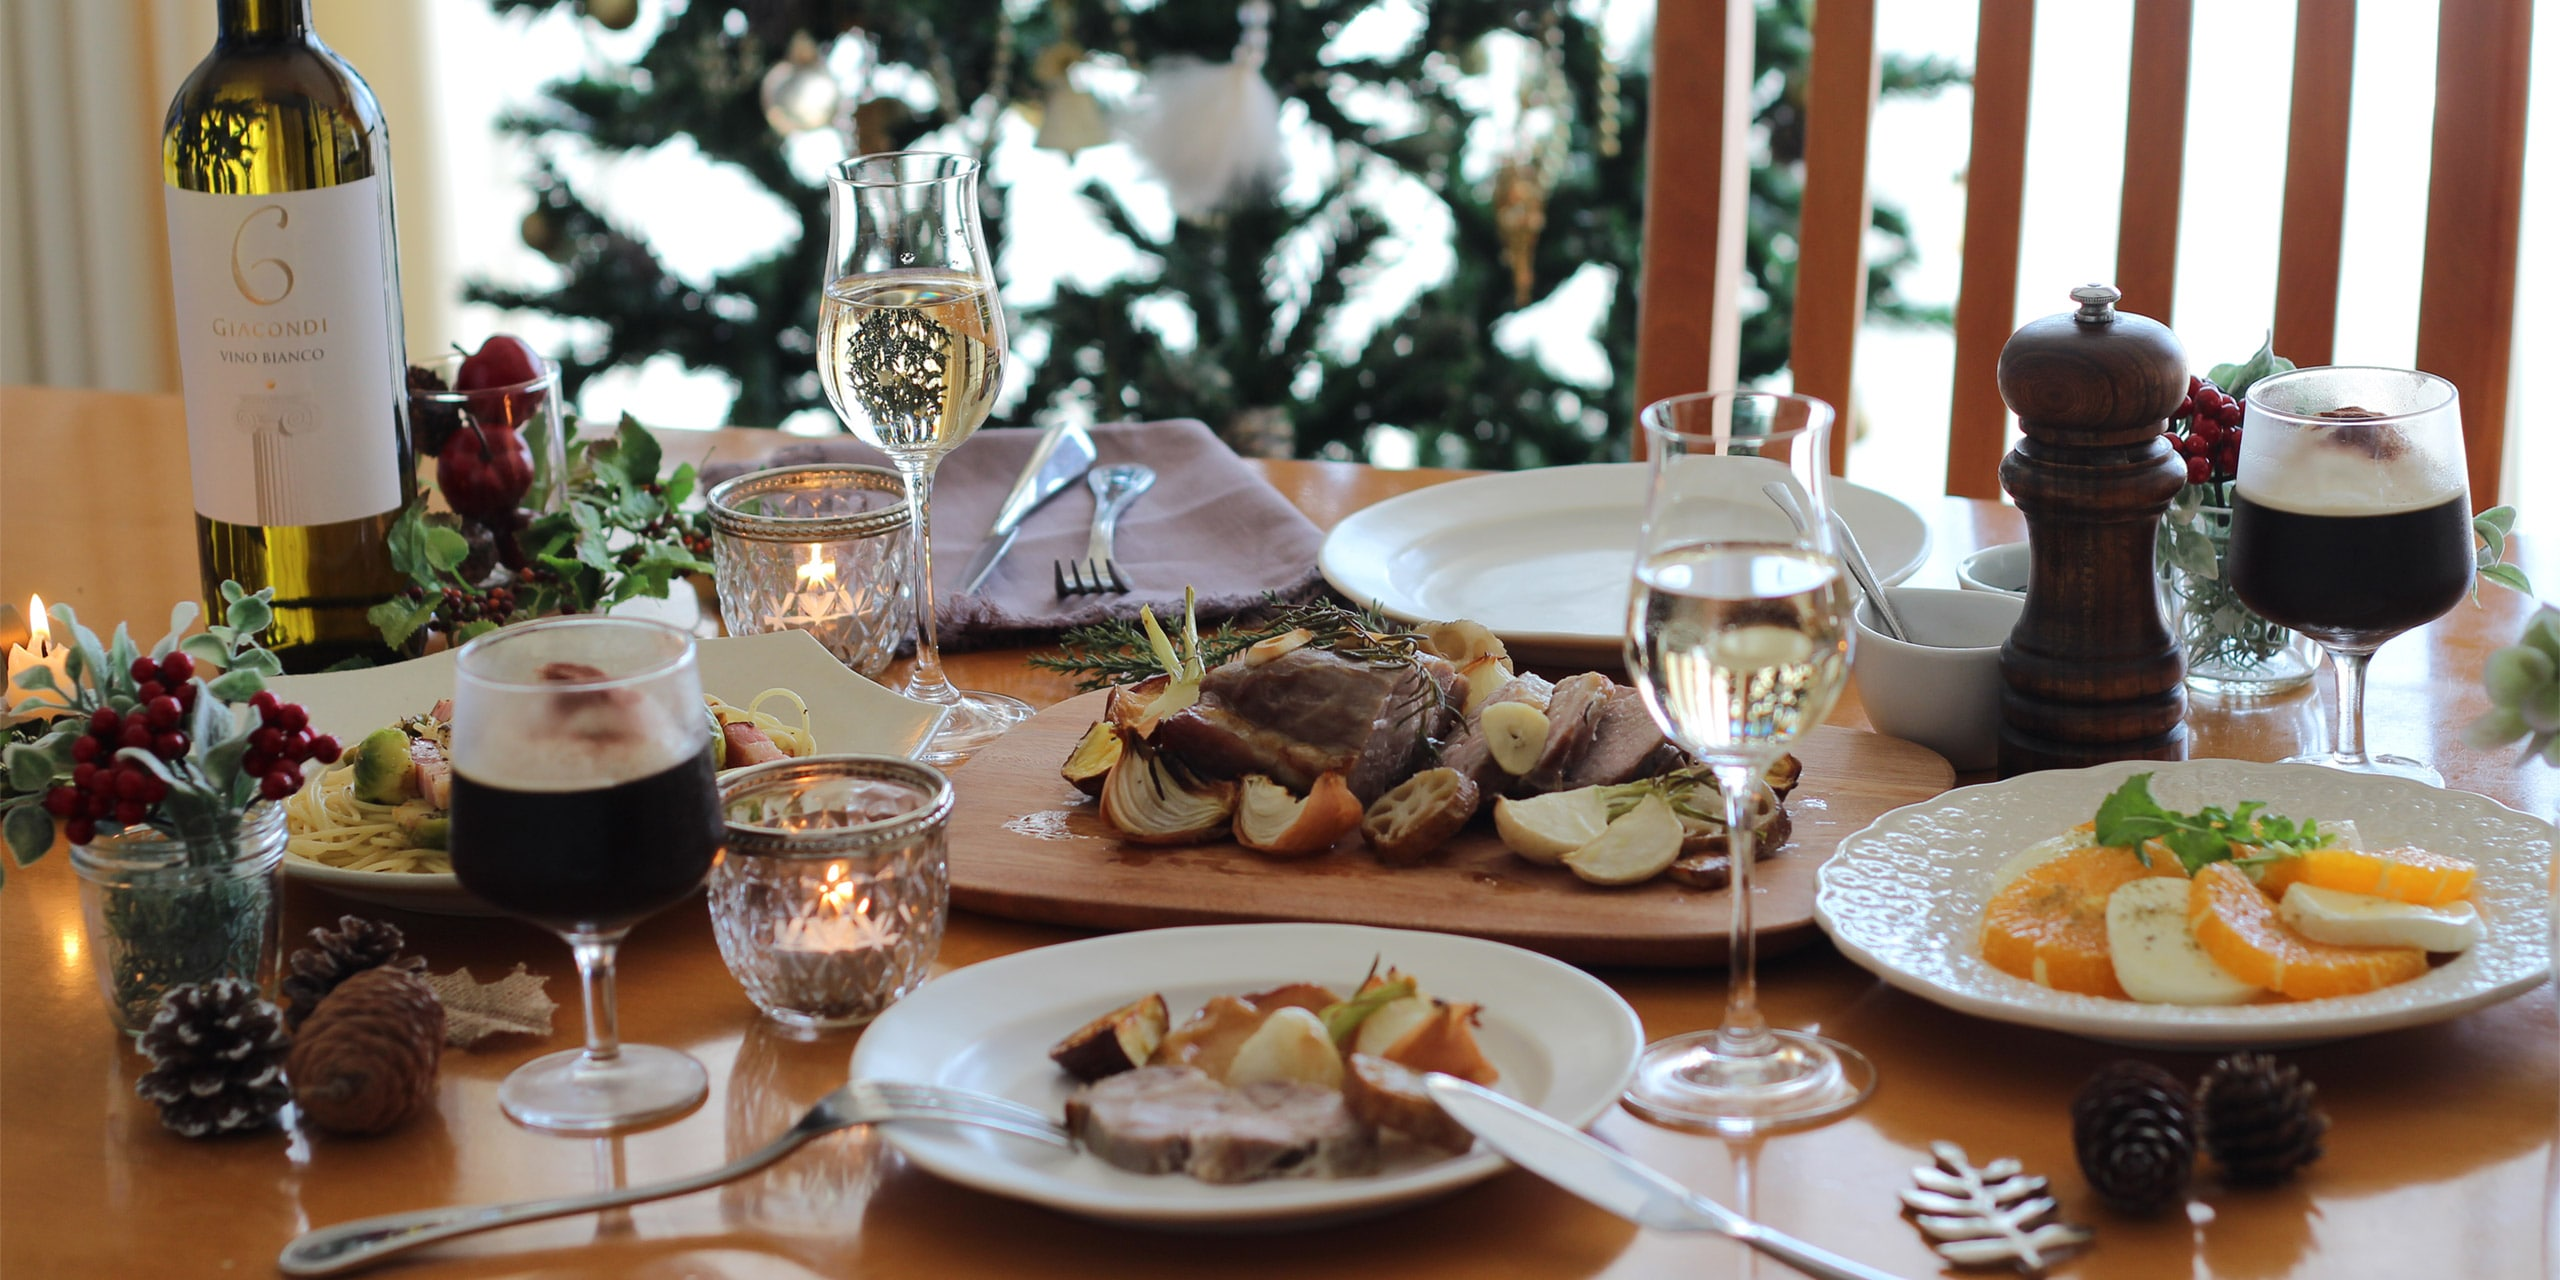 お家ディナーにおすすめ!カップルで楽しむおしゃれクリスマス